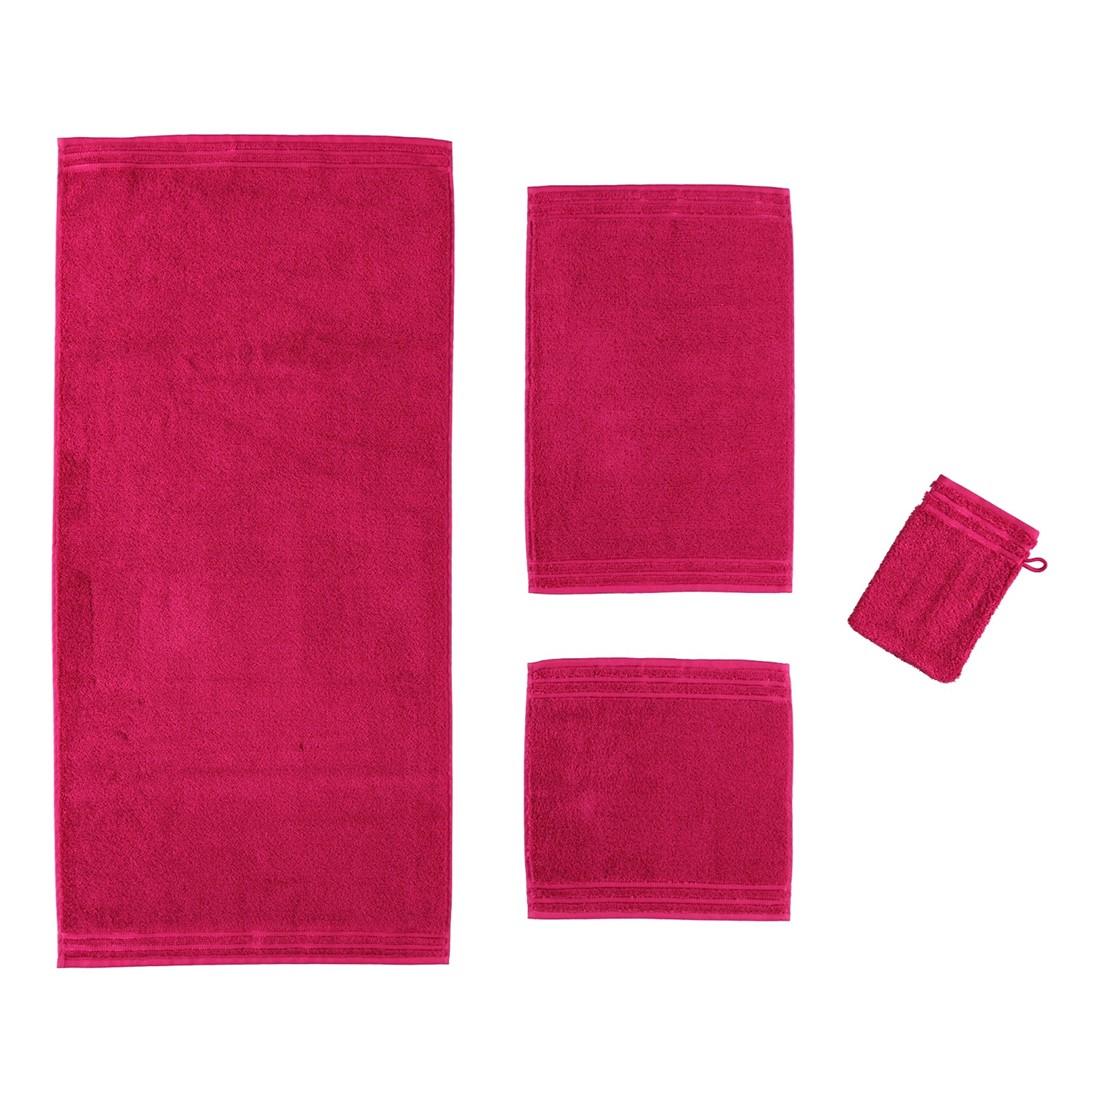 Handtuch Calypso Feeling – 100% Baumwolle cranberry – 377 – Saunatuch: 80 x 200 cm, Vossen jetzt kaufen